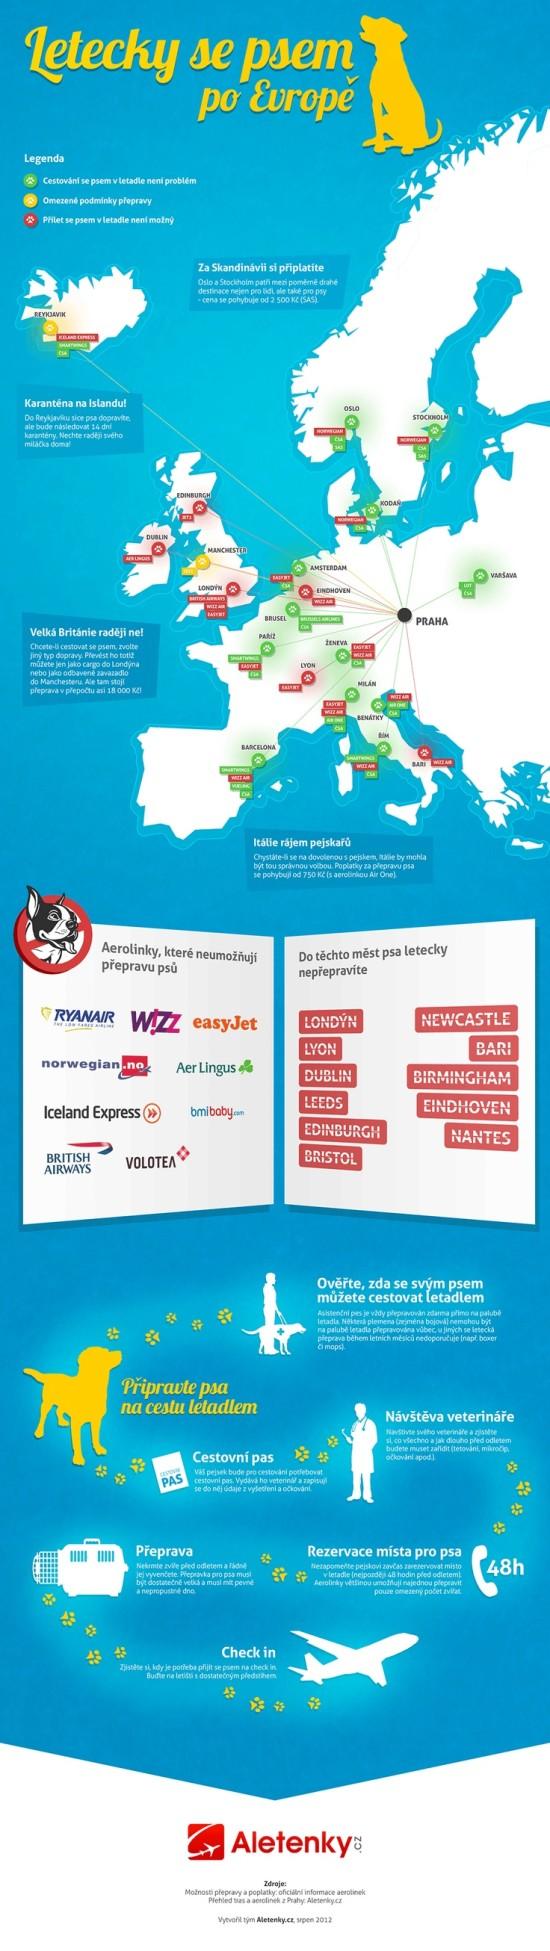 Letecky se psem po Evrope - infografika